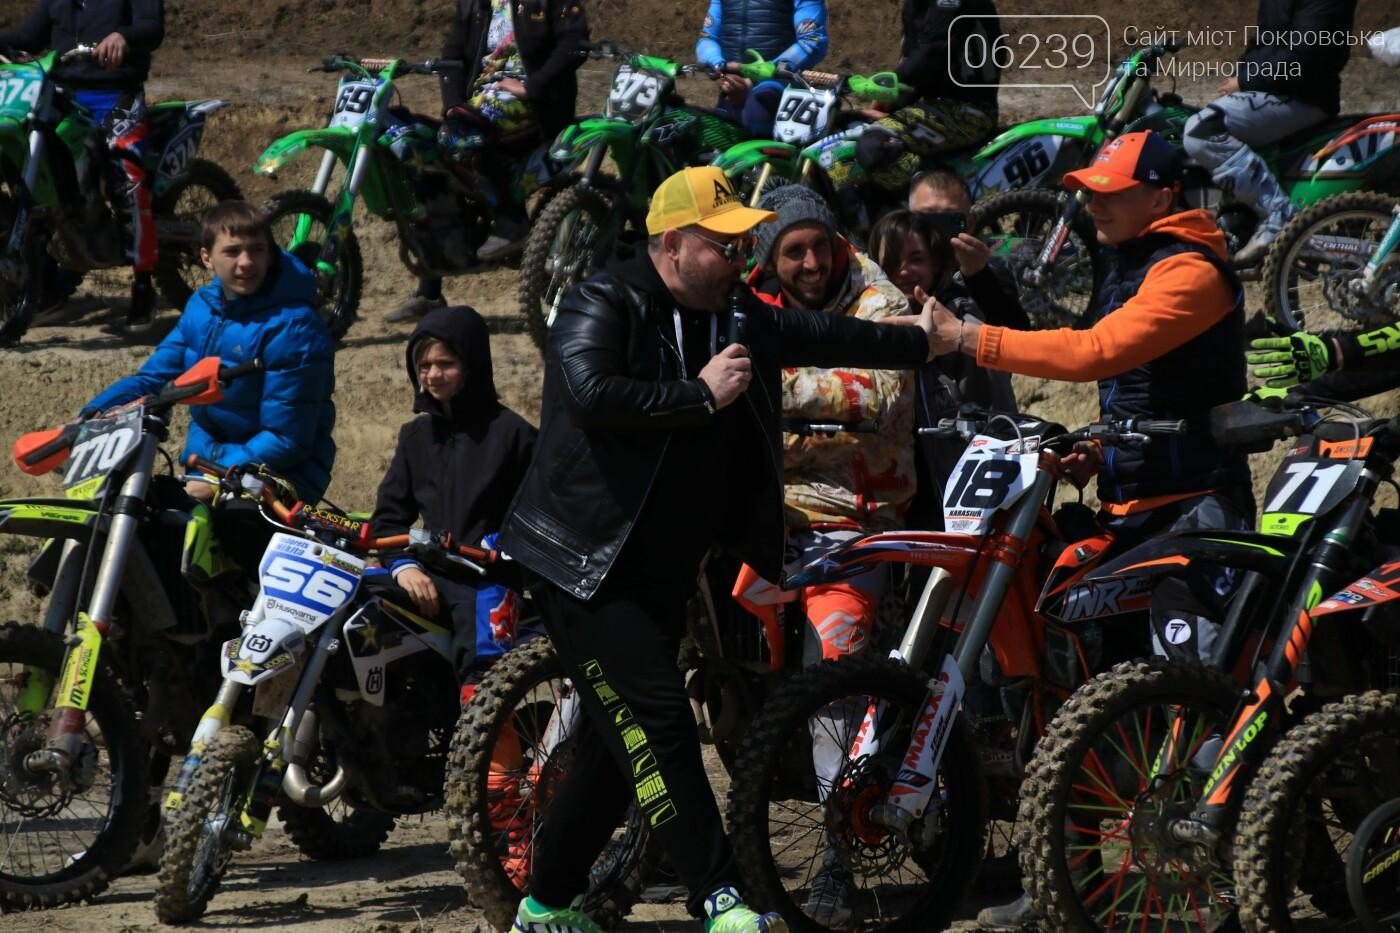 В Мирнограде подвели итоги соревнований по мотокроссу , фото-4